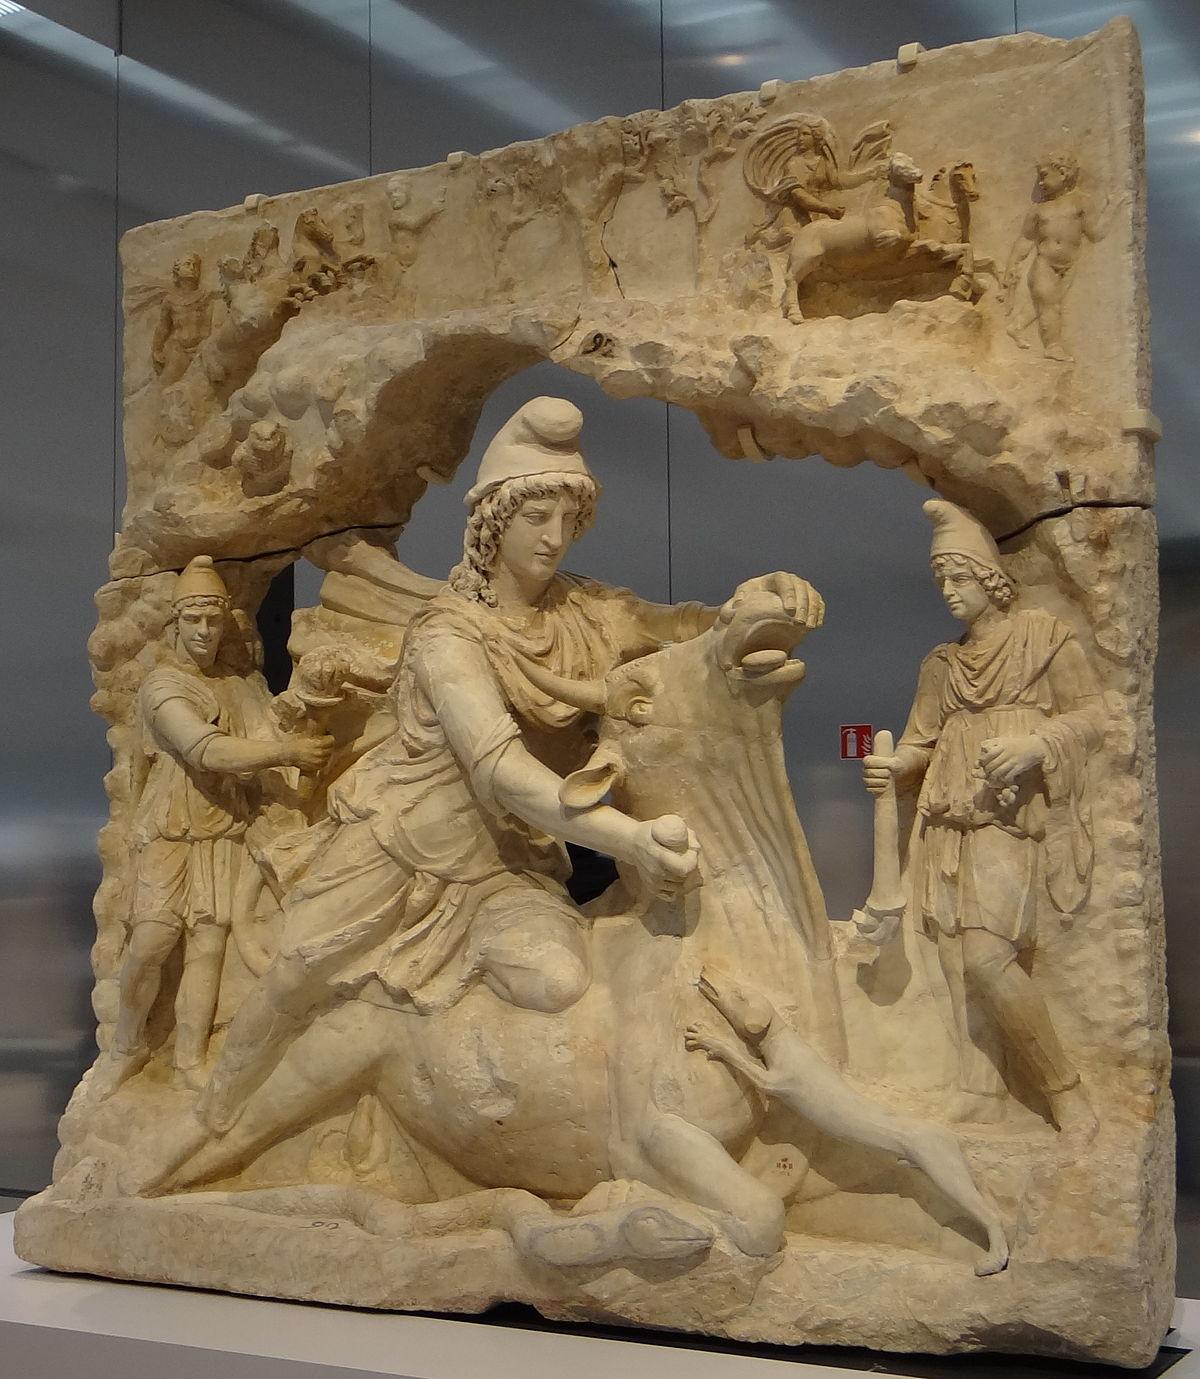 Maarten J. Vermaseren, Mithra, Il dio dei Misteri – Ezio Albrile